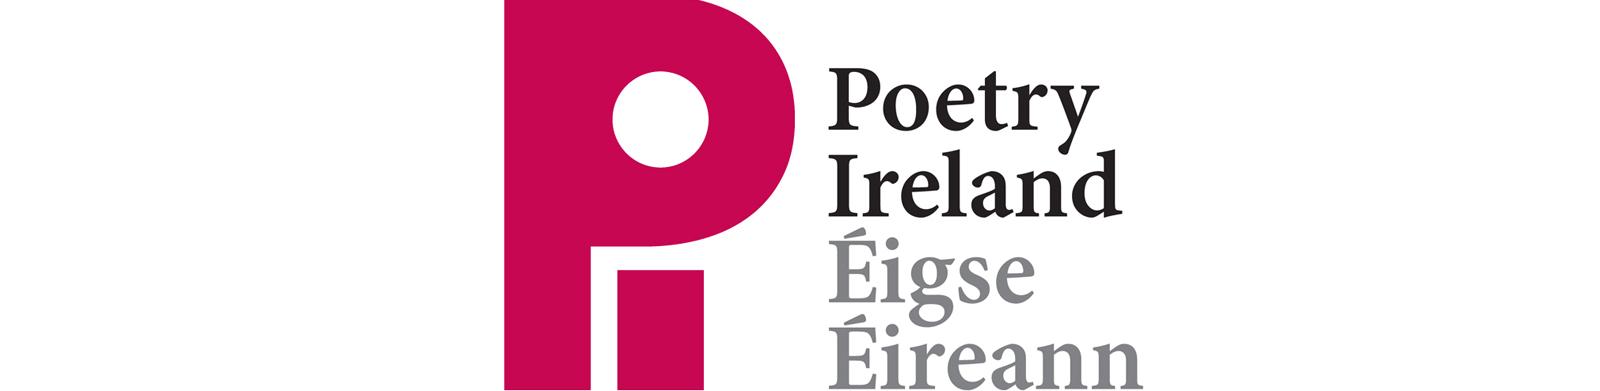 Poetry Ireland